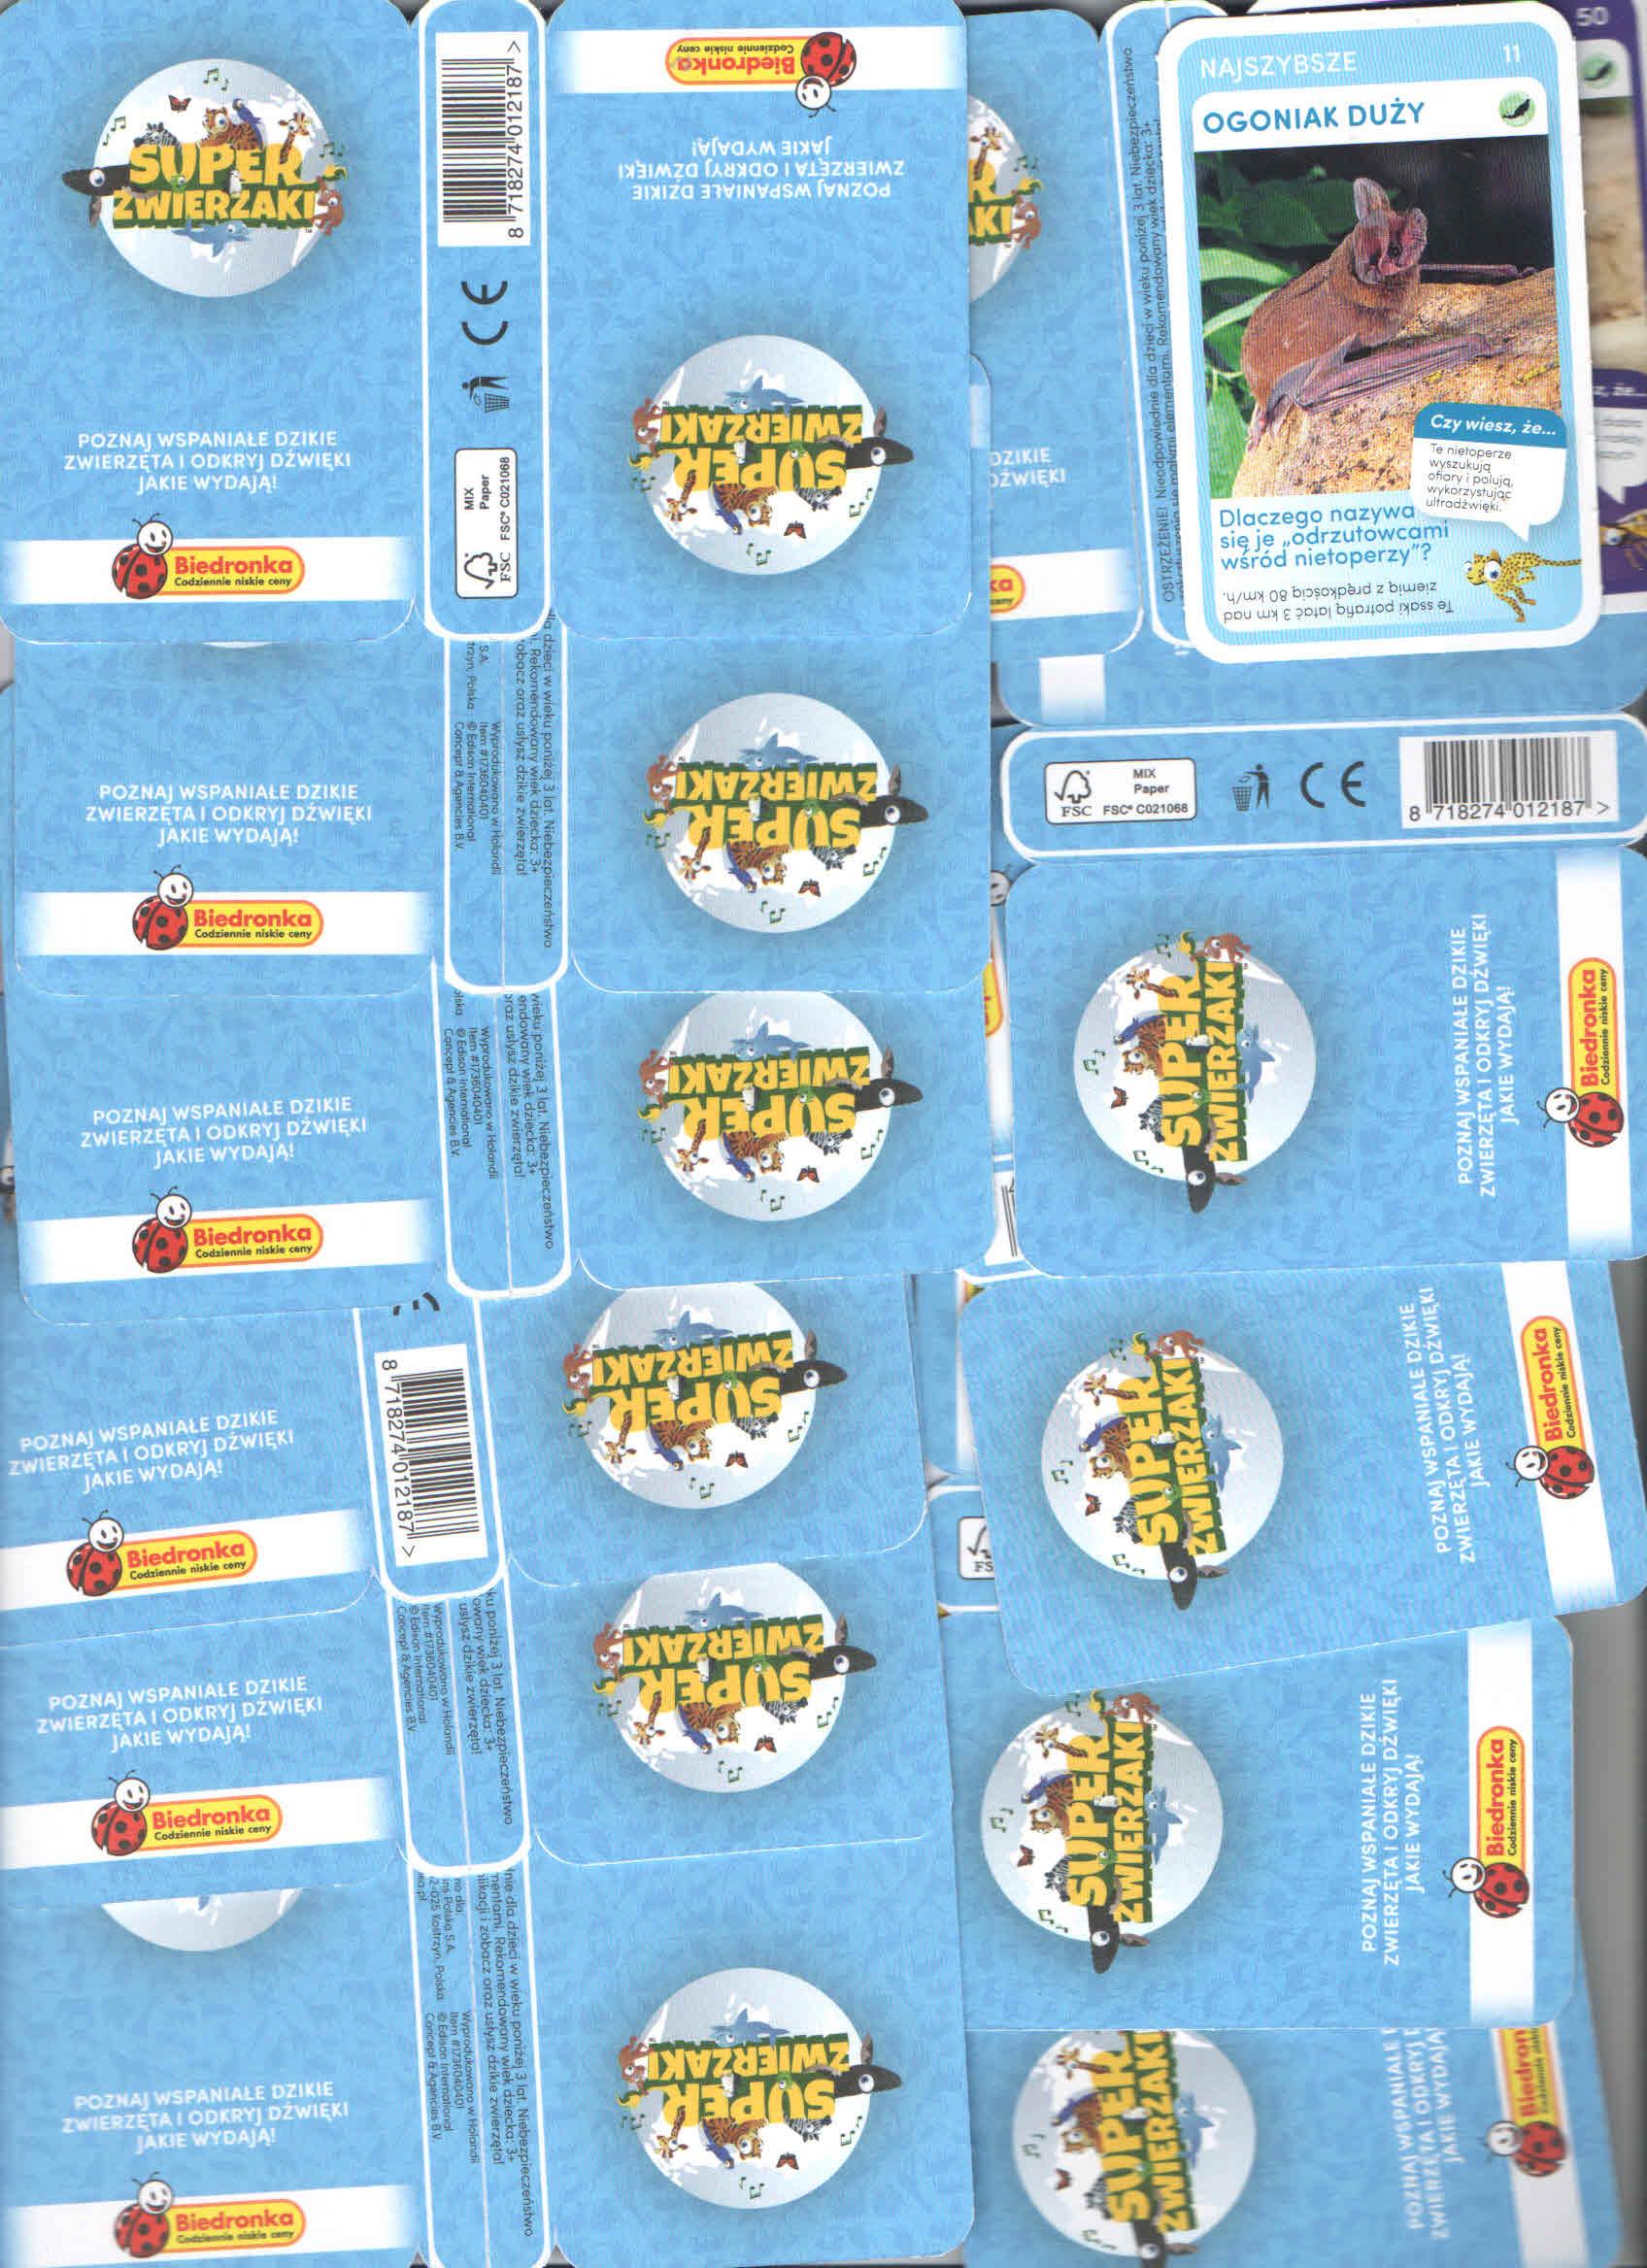 karty 44 sztuki Super zwierzaki Biedronka